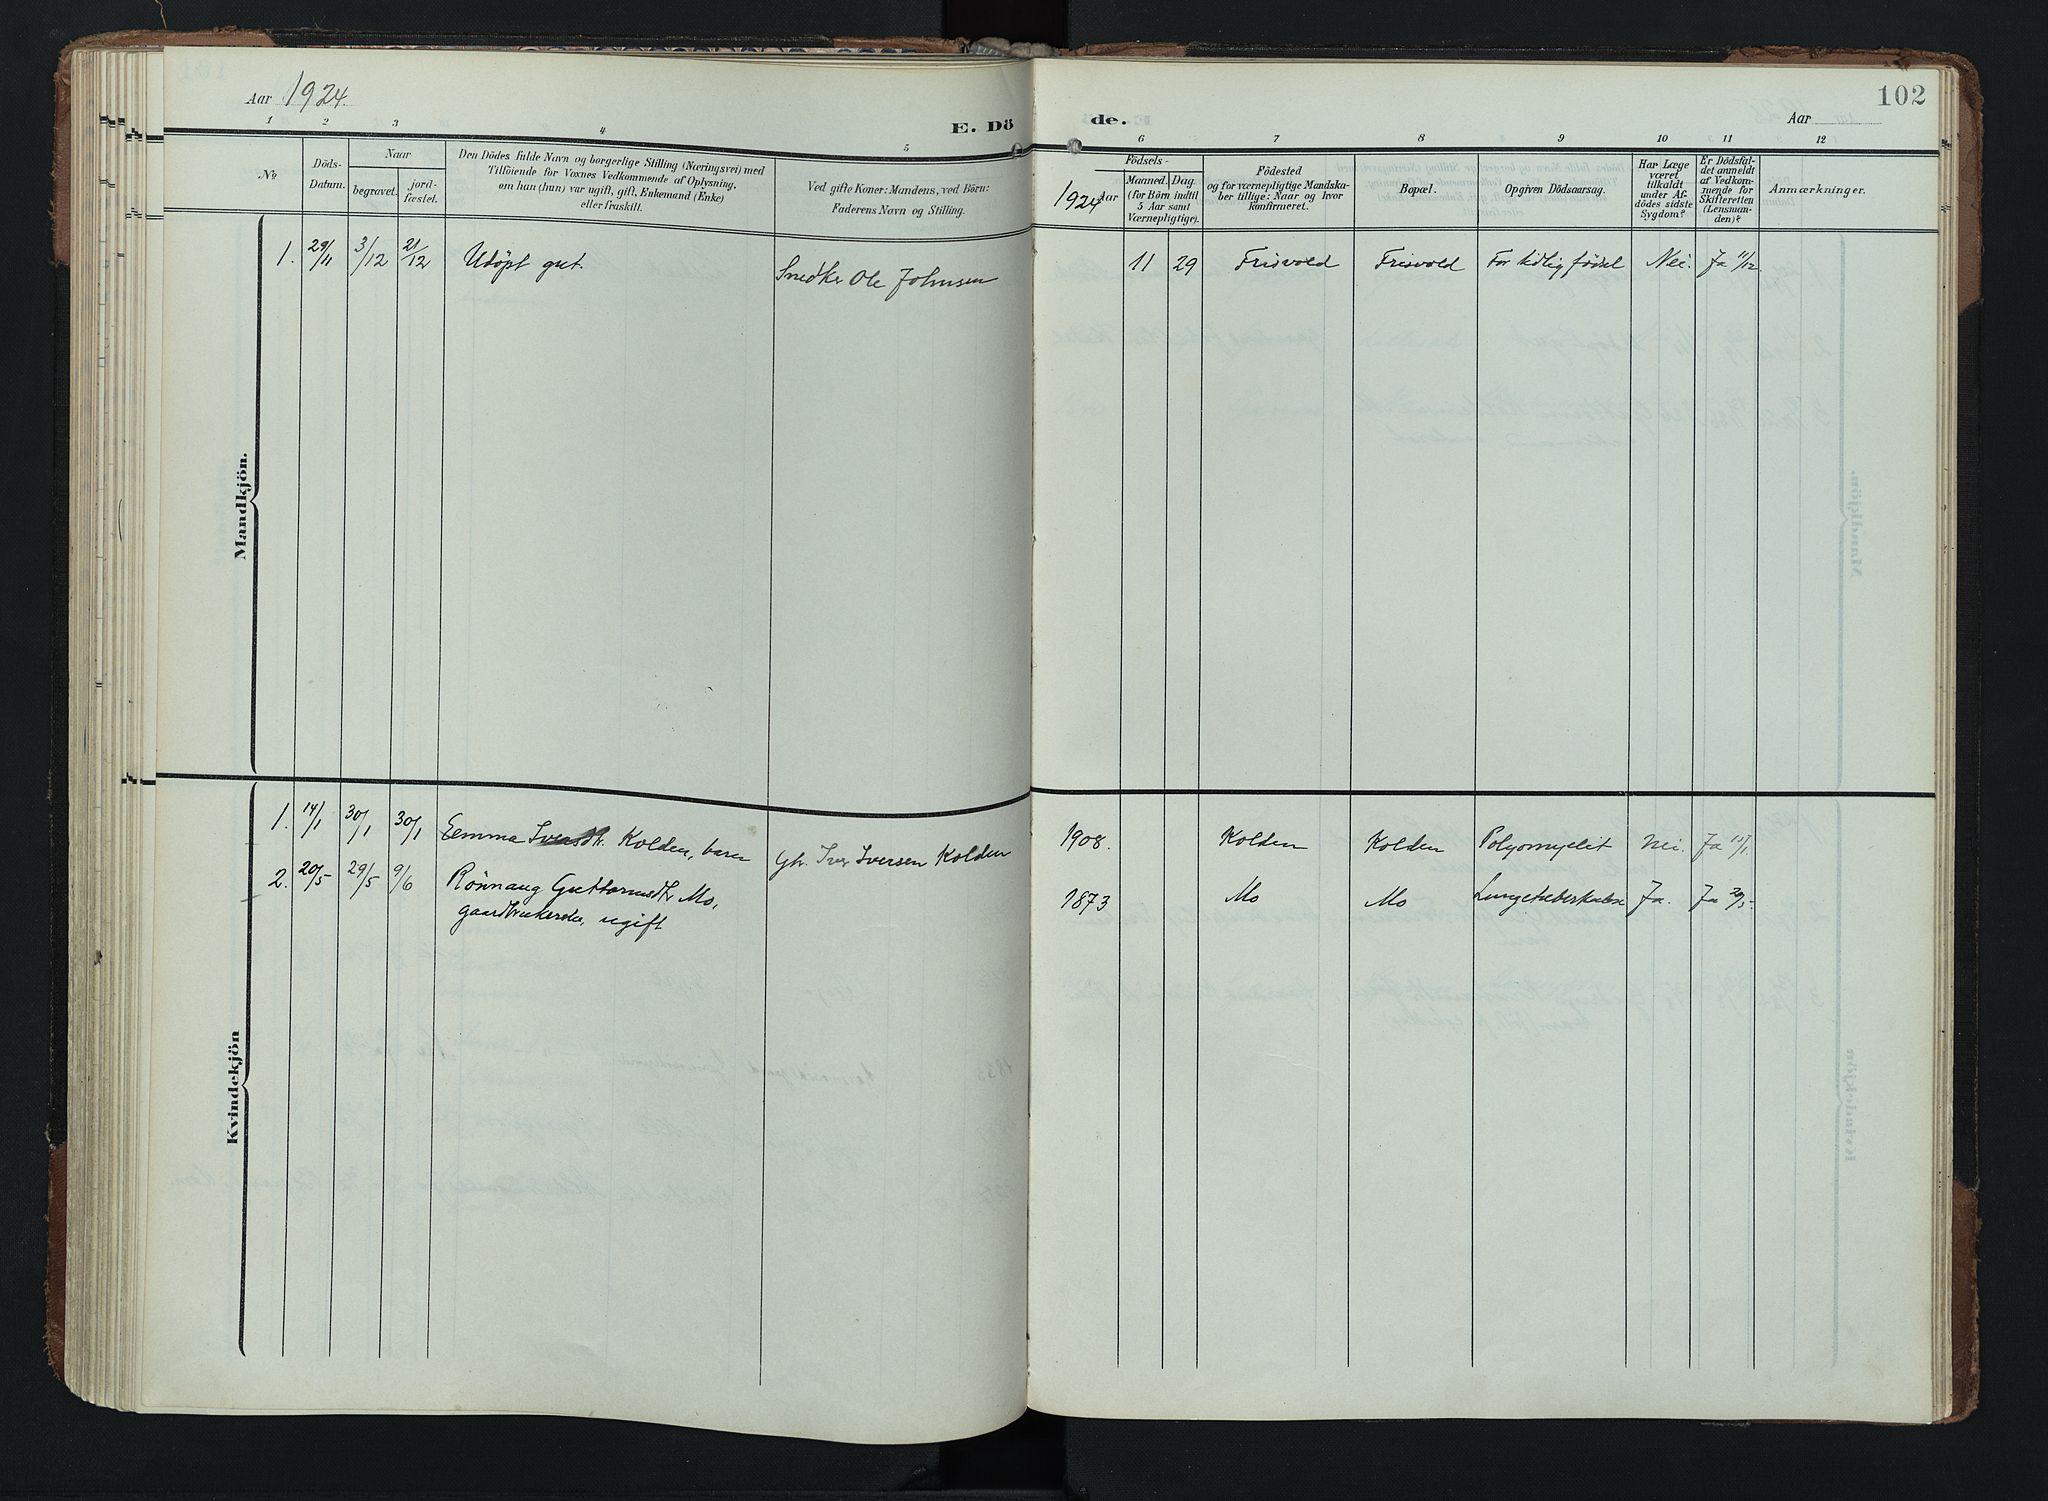 SAH, Lom prestekontor, K/L0011: Ministerialbok nr. 11, 1904-1928, s. 102